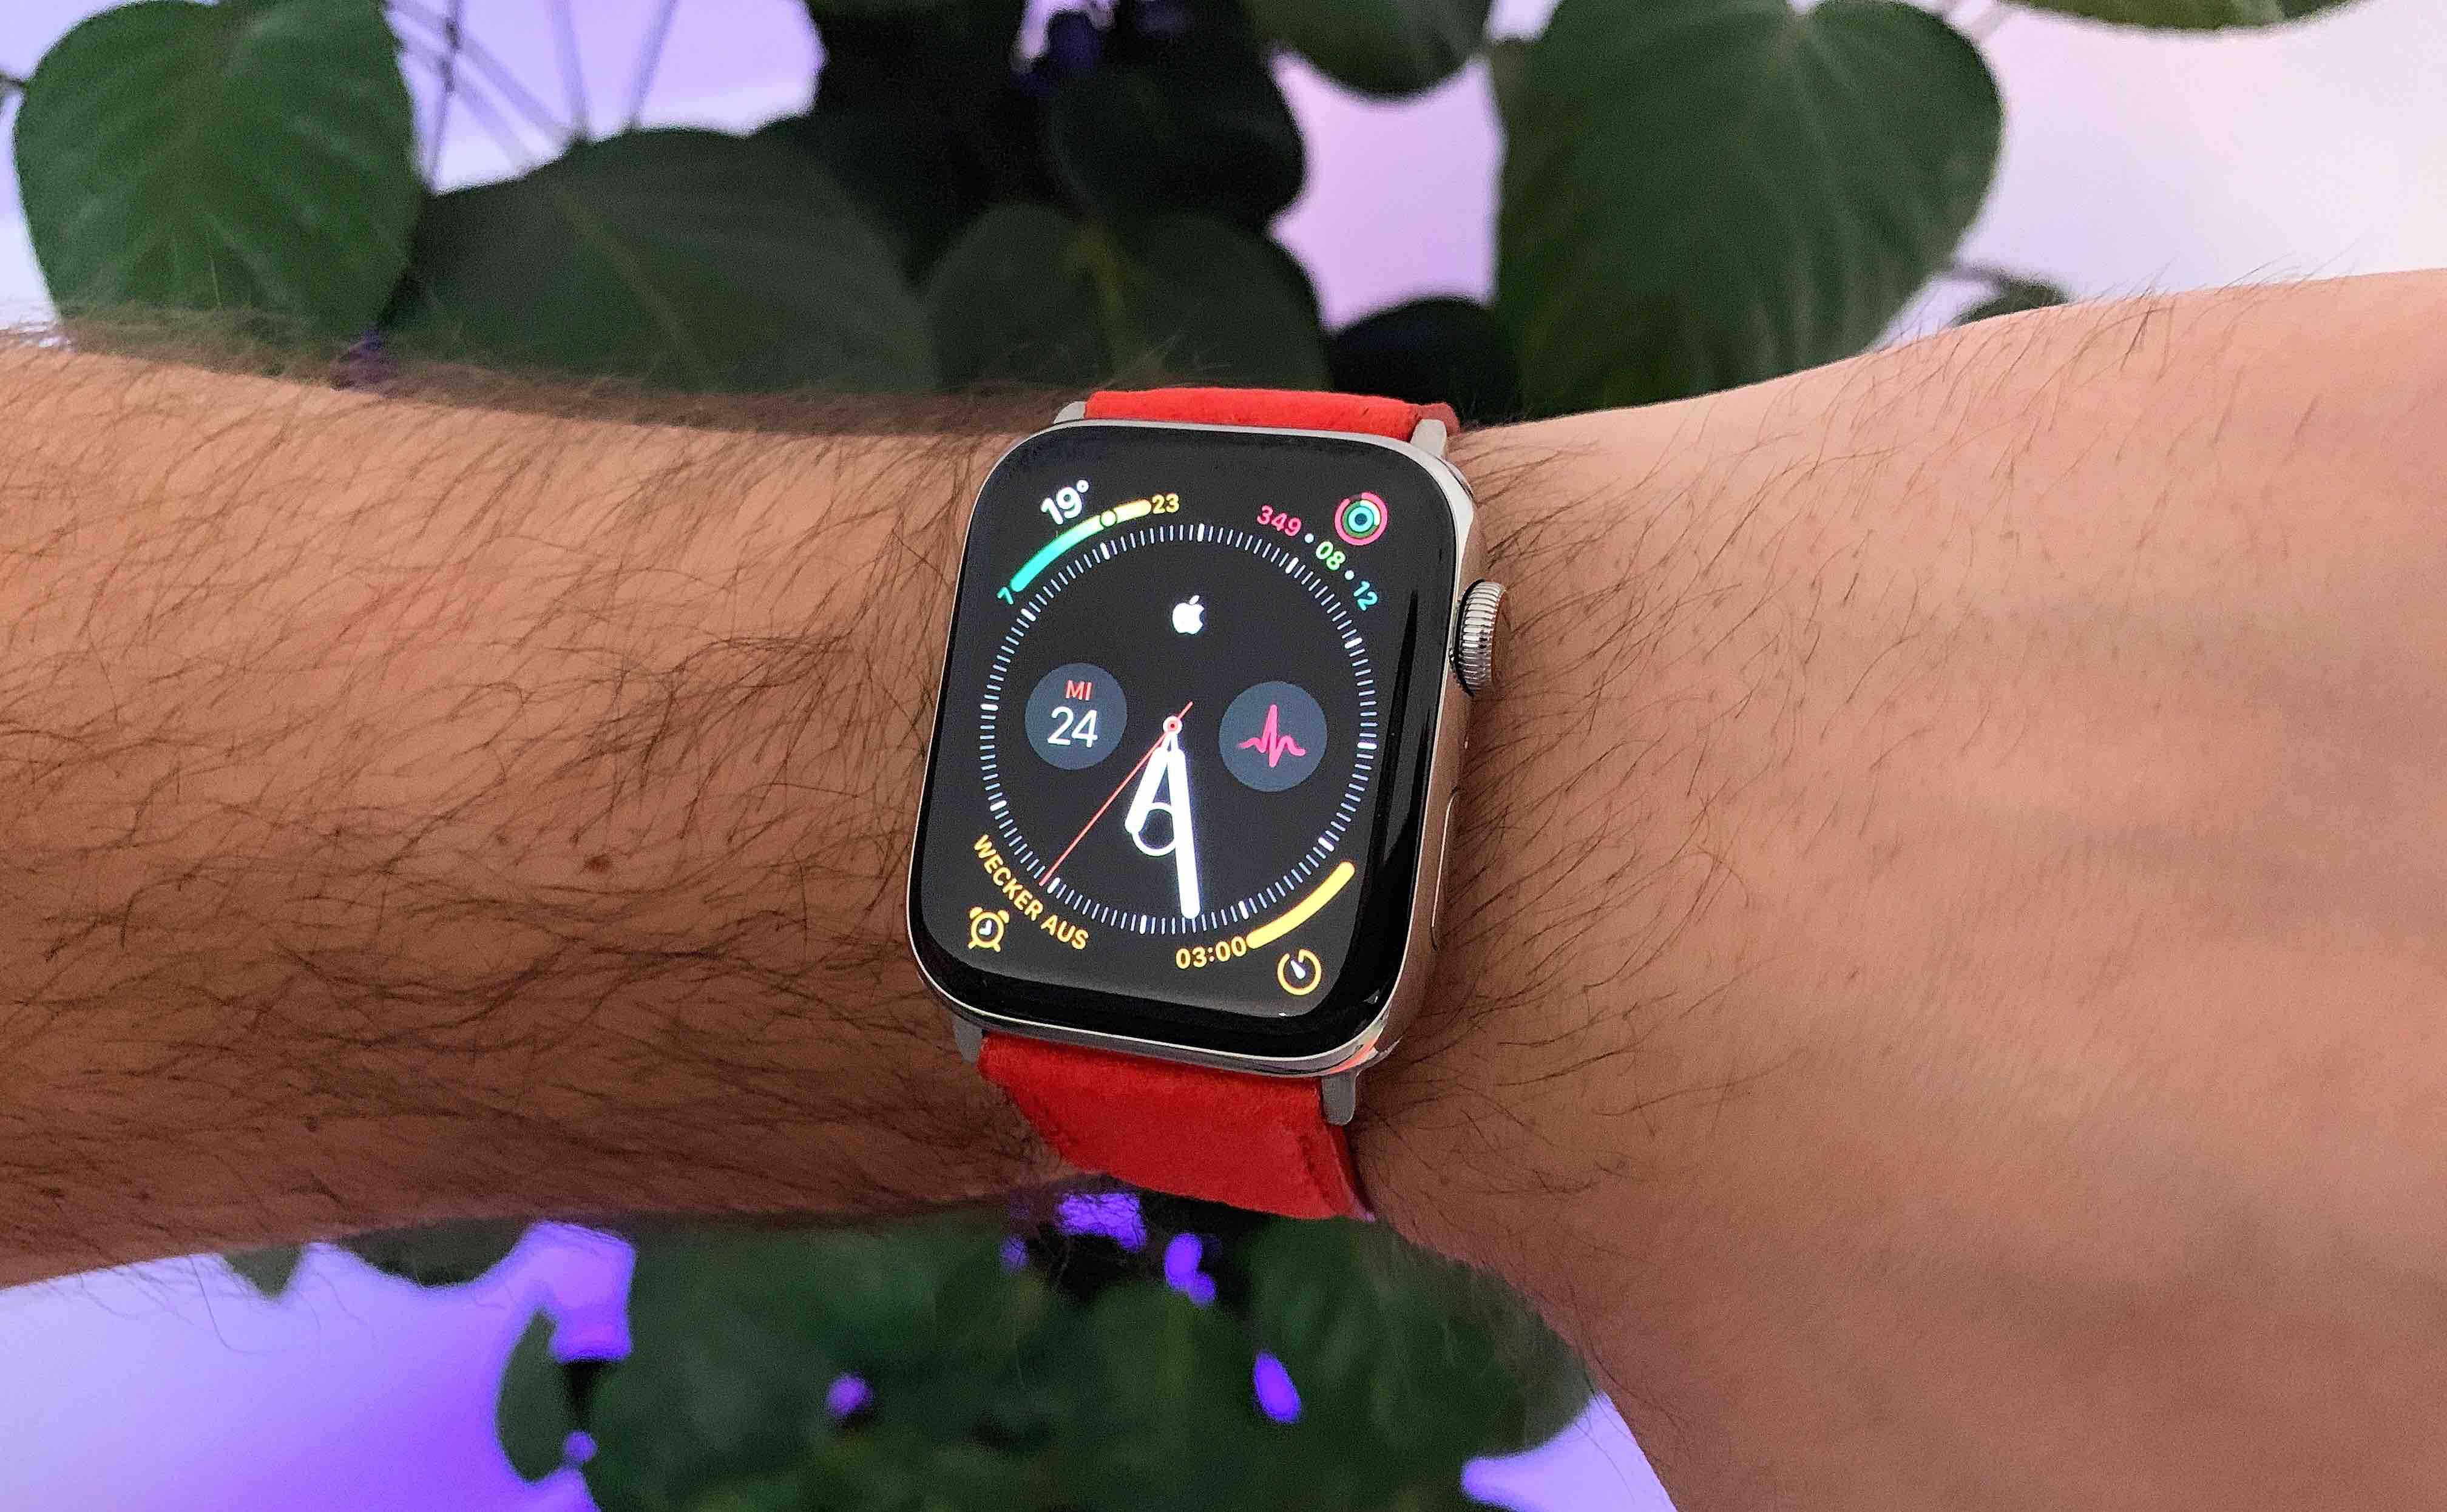 Mezando_Apple_Watch_Watchband_Armband_Uhrenband_Review1 Armbänder für die Apple Watch von Mezando - Ananasfasern statt Leder